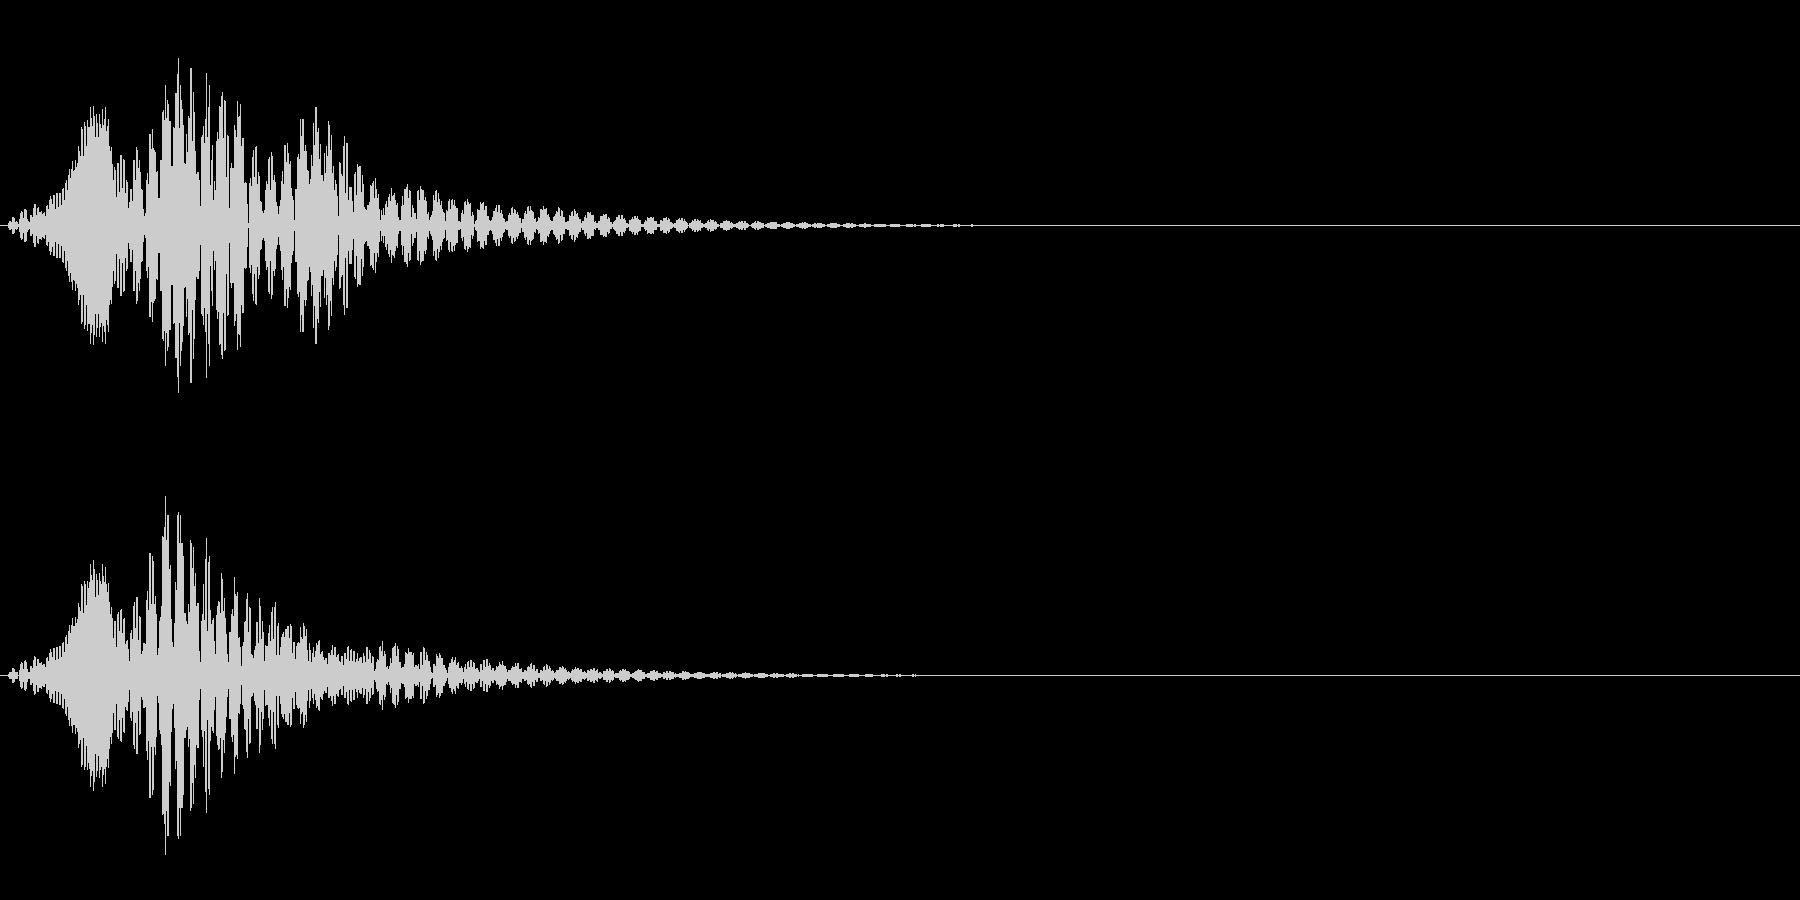 ボワン(状態異常回復の音)の未再生の波形